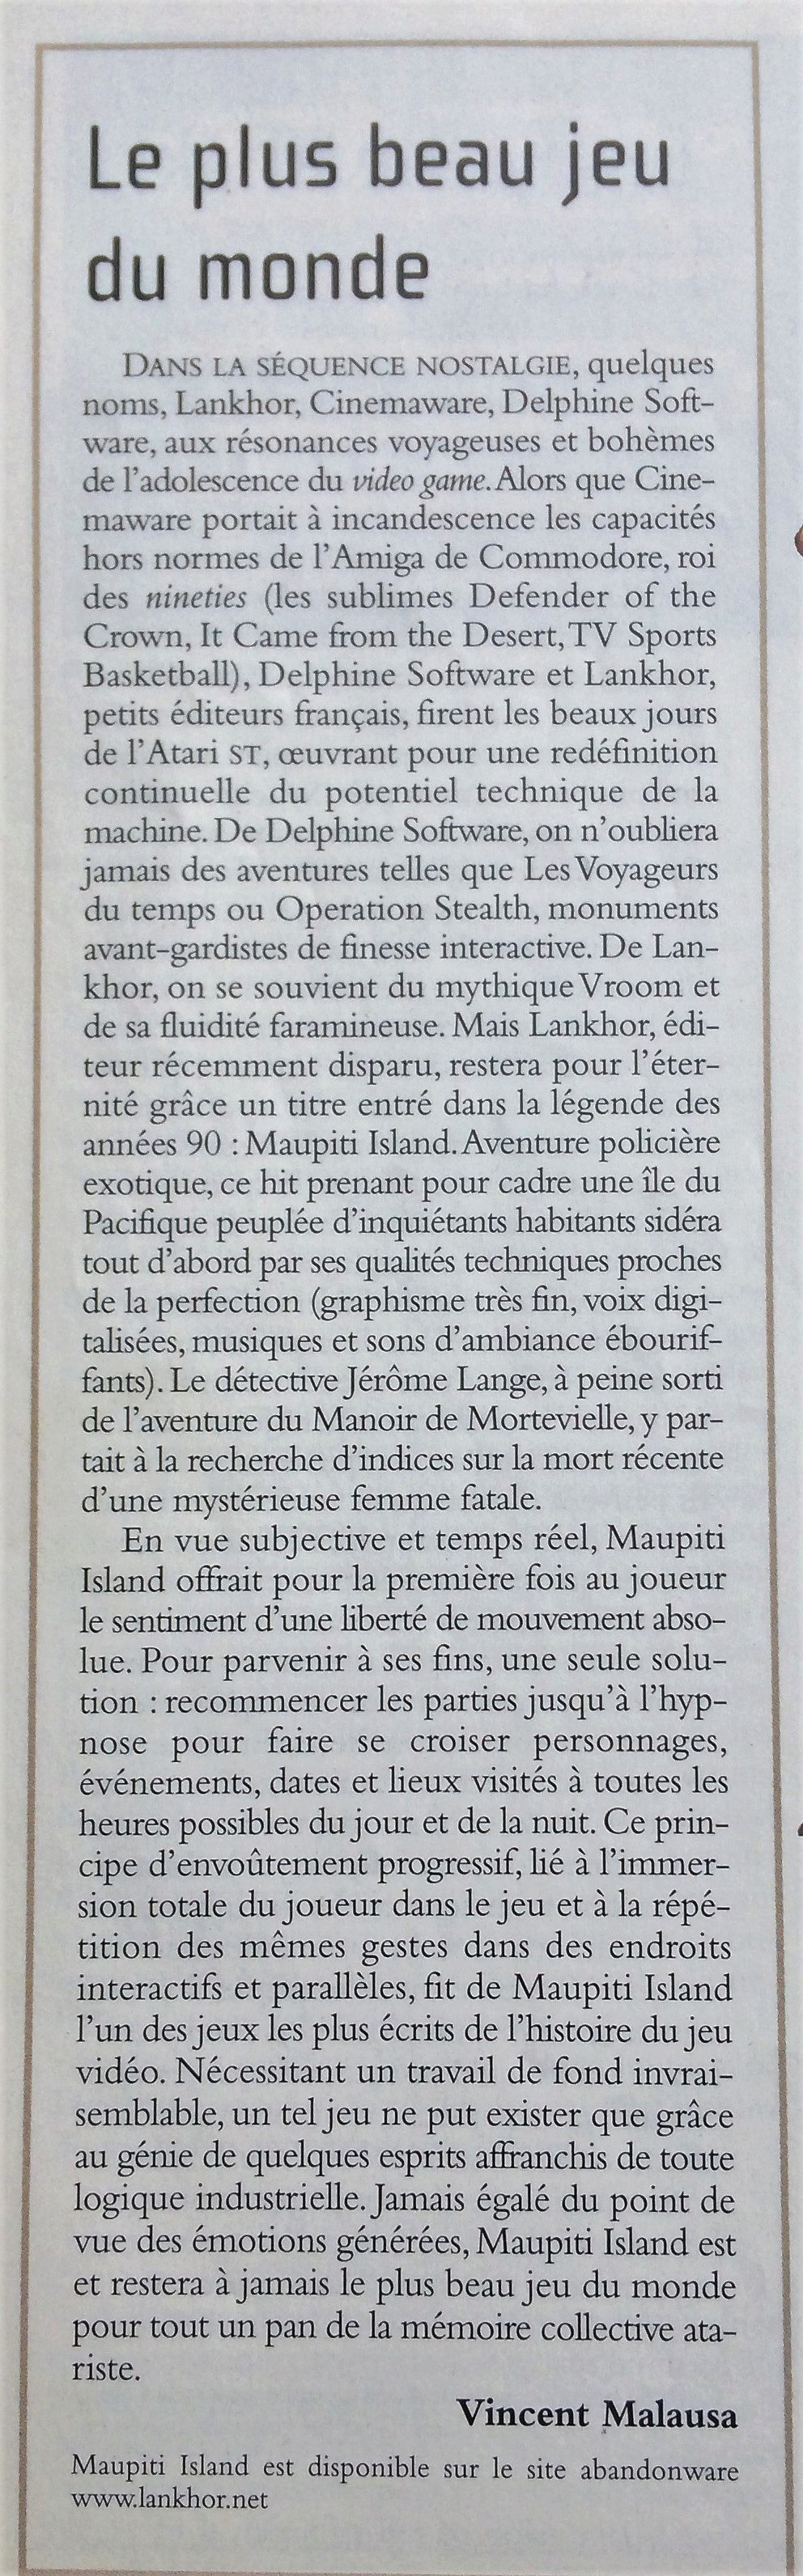 Jérôme Lange bientôt de retour sur Maupiti Island ? Maupit11